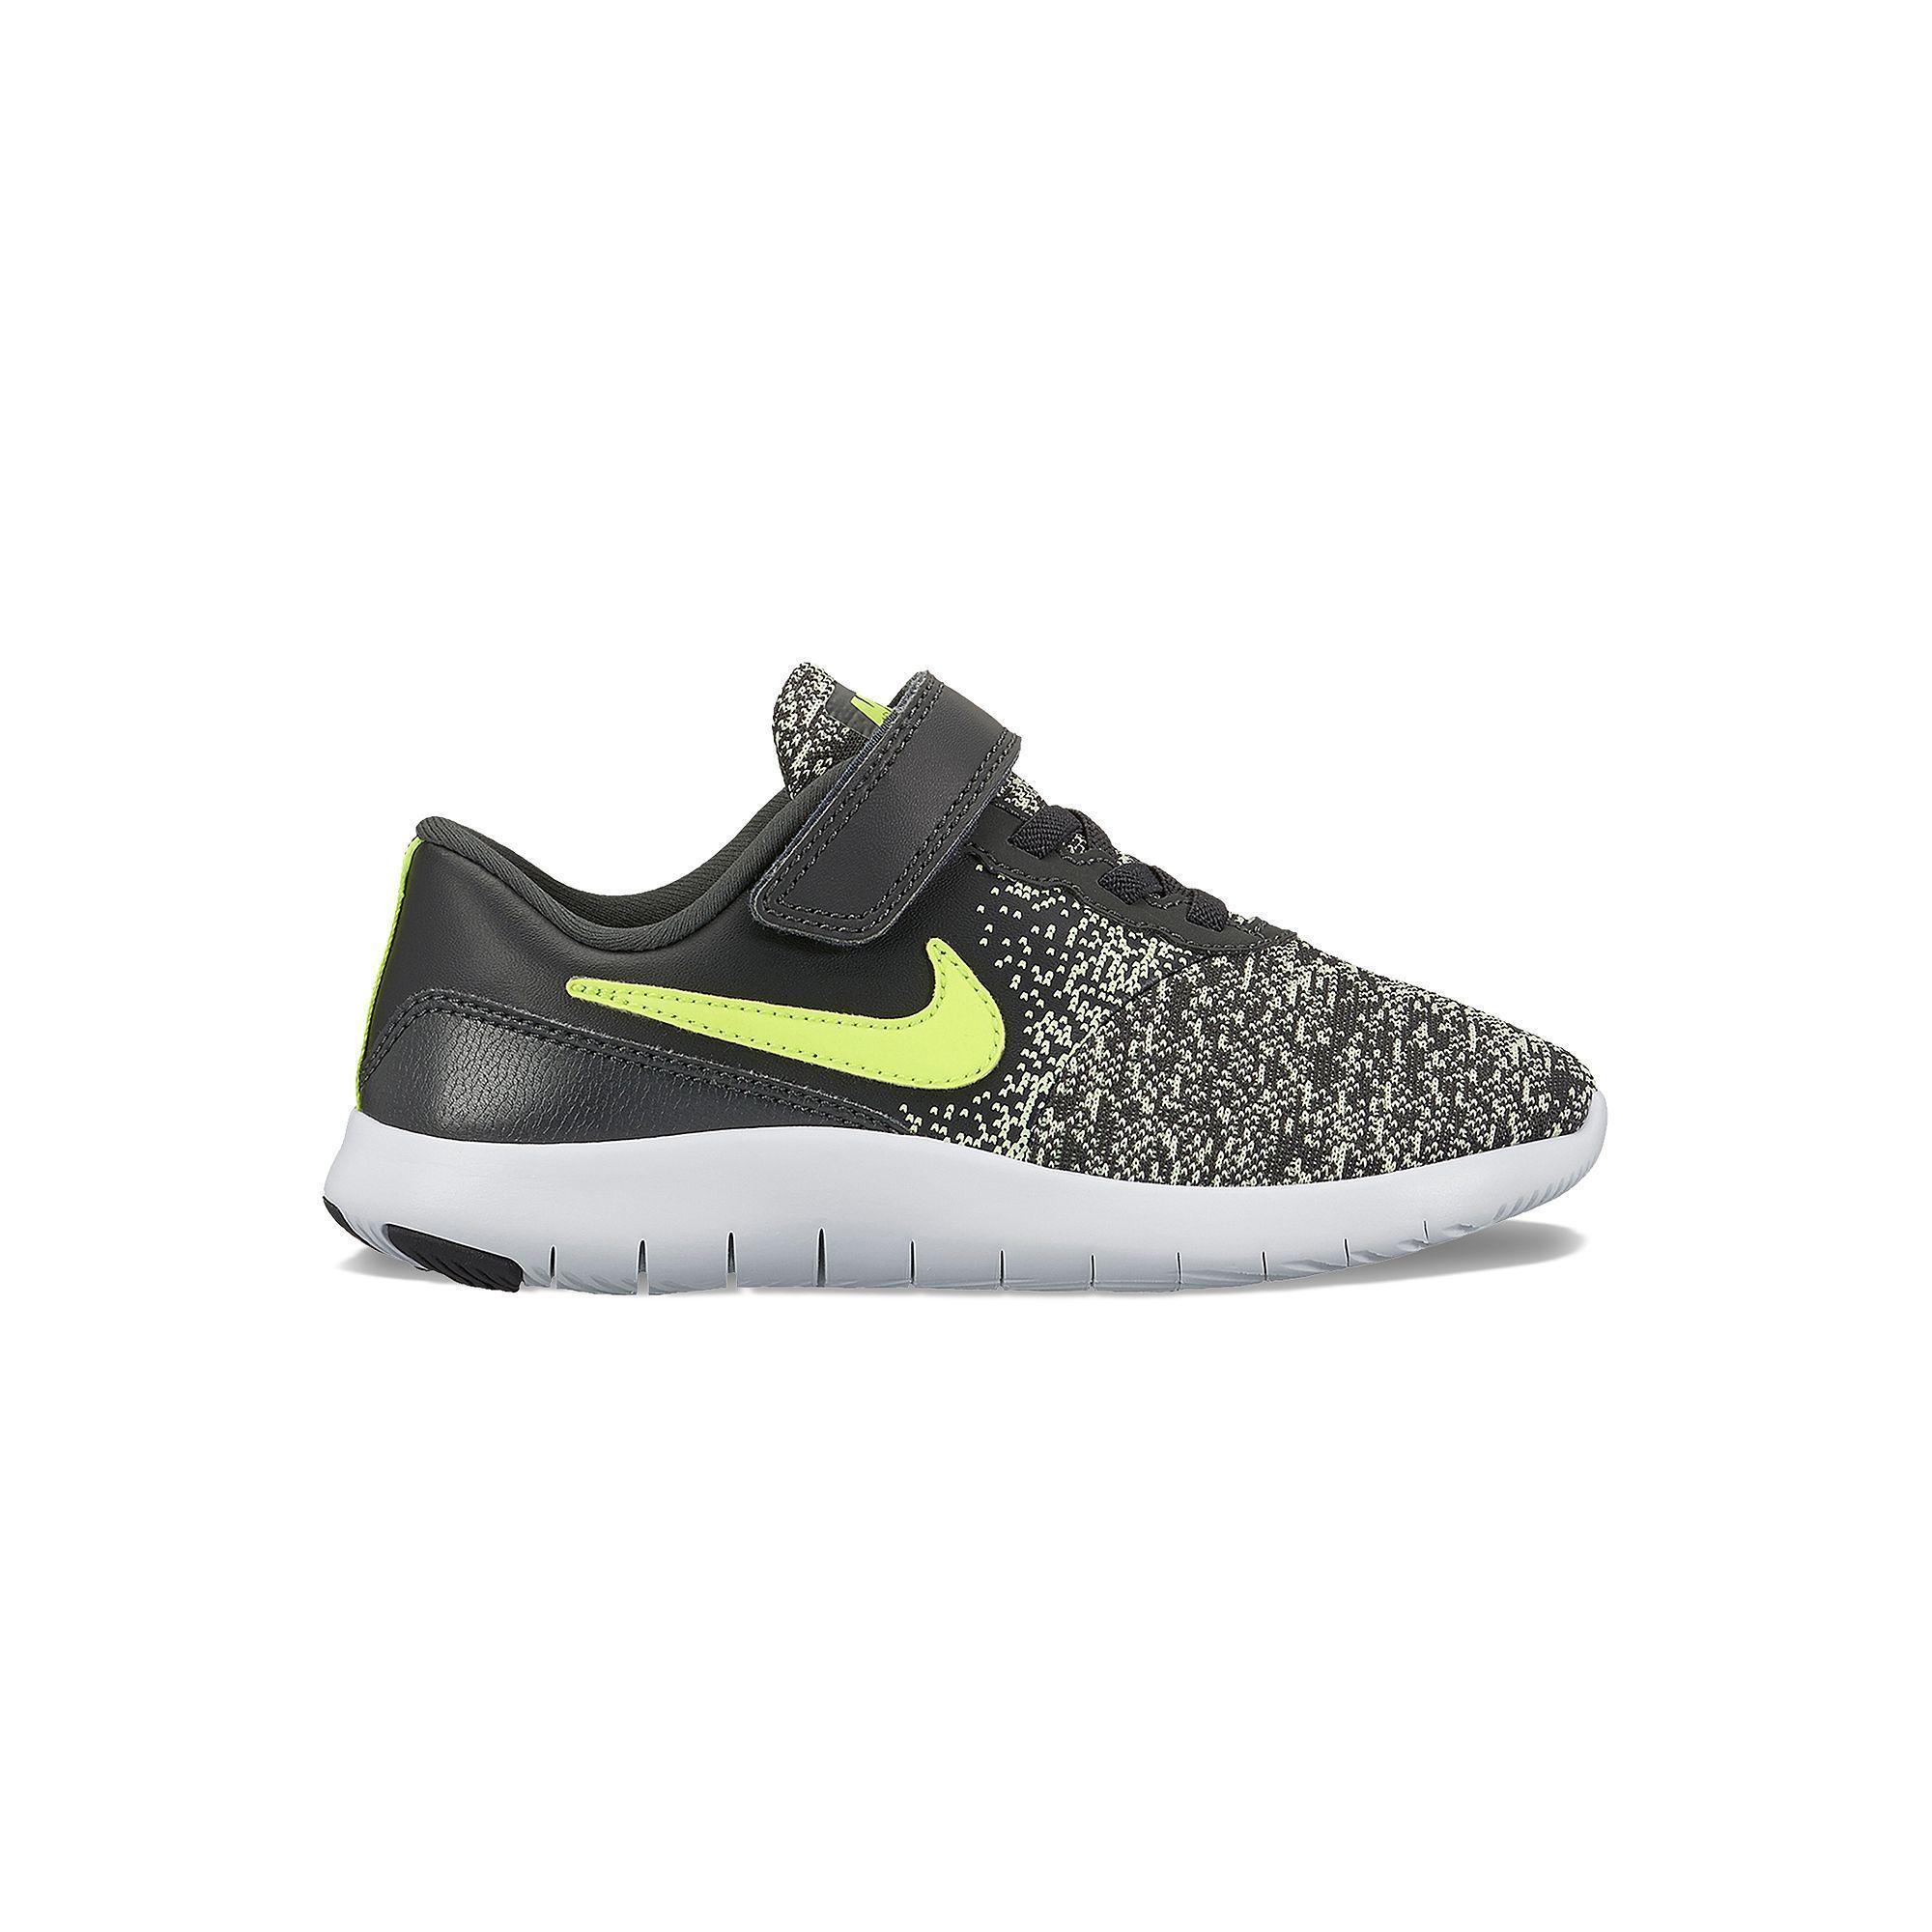 reales de descuento profesional de salida Niños Nike Tamaño De Los Zapatos 10.5 BbZSdE